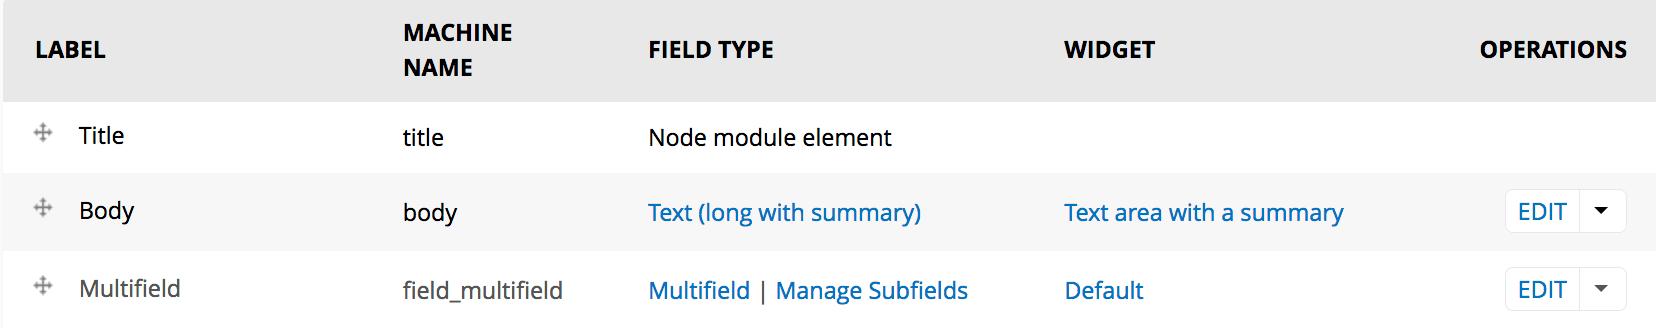 Multifield